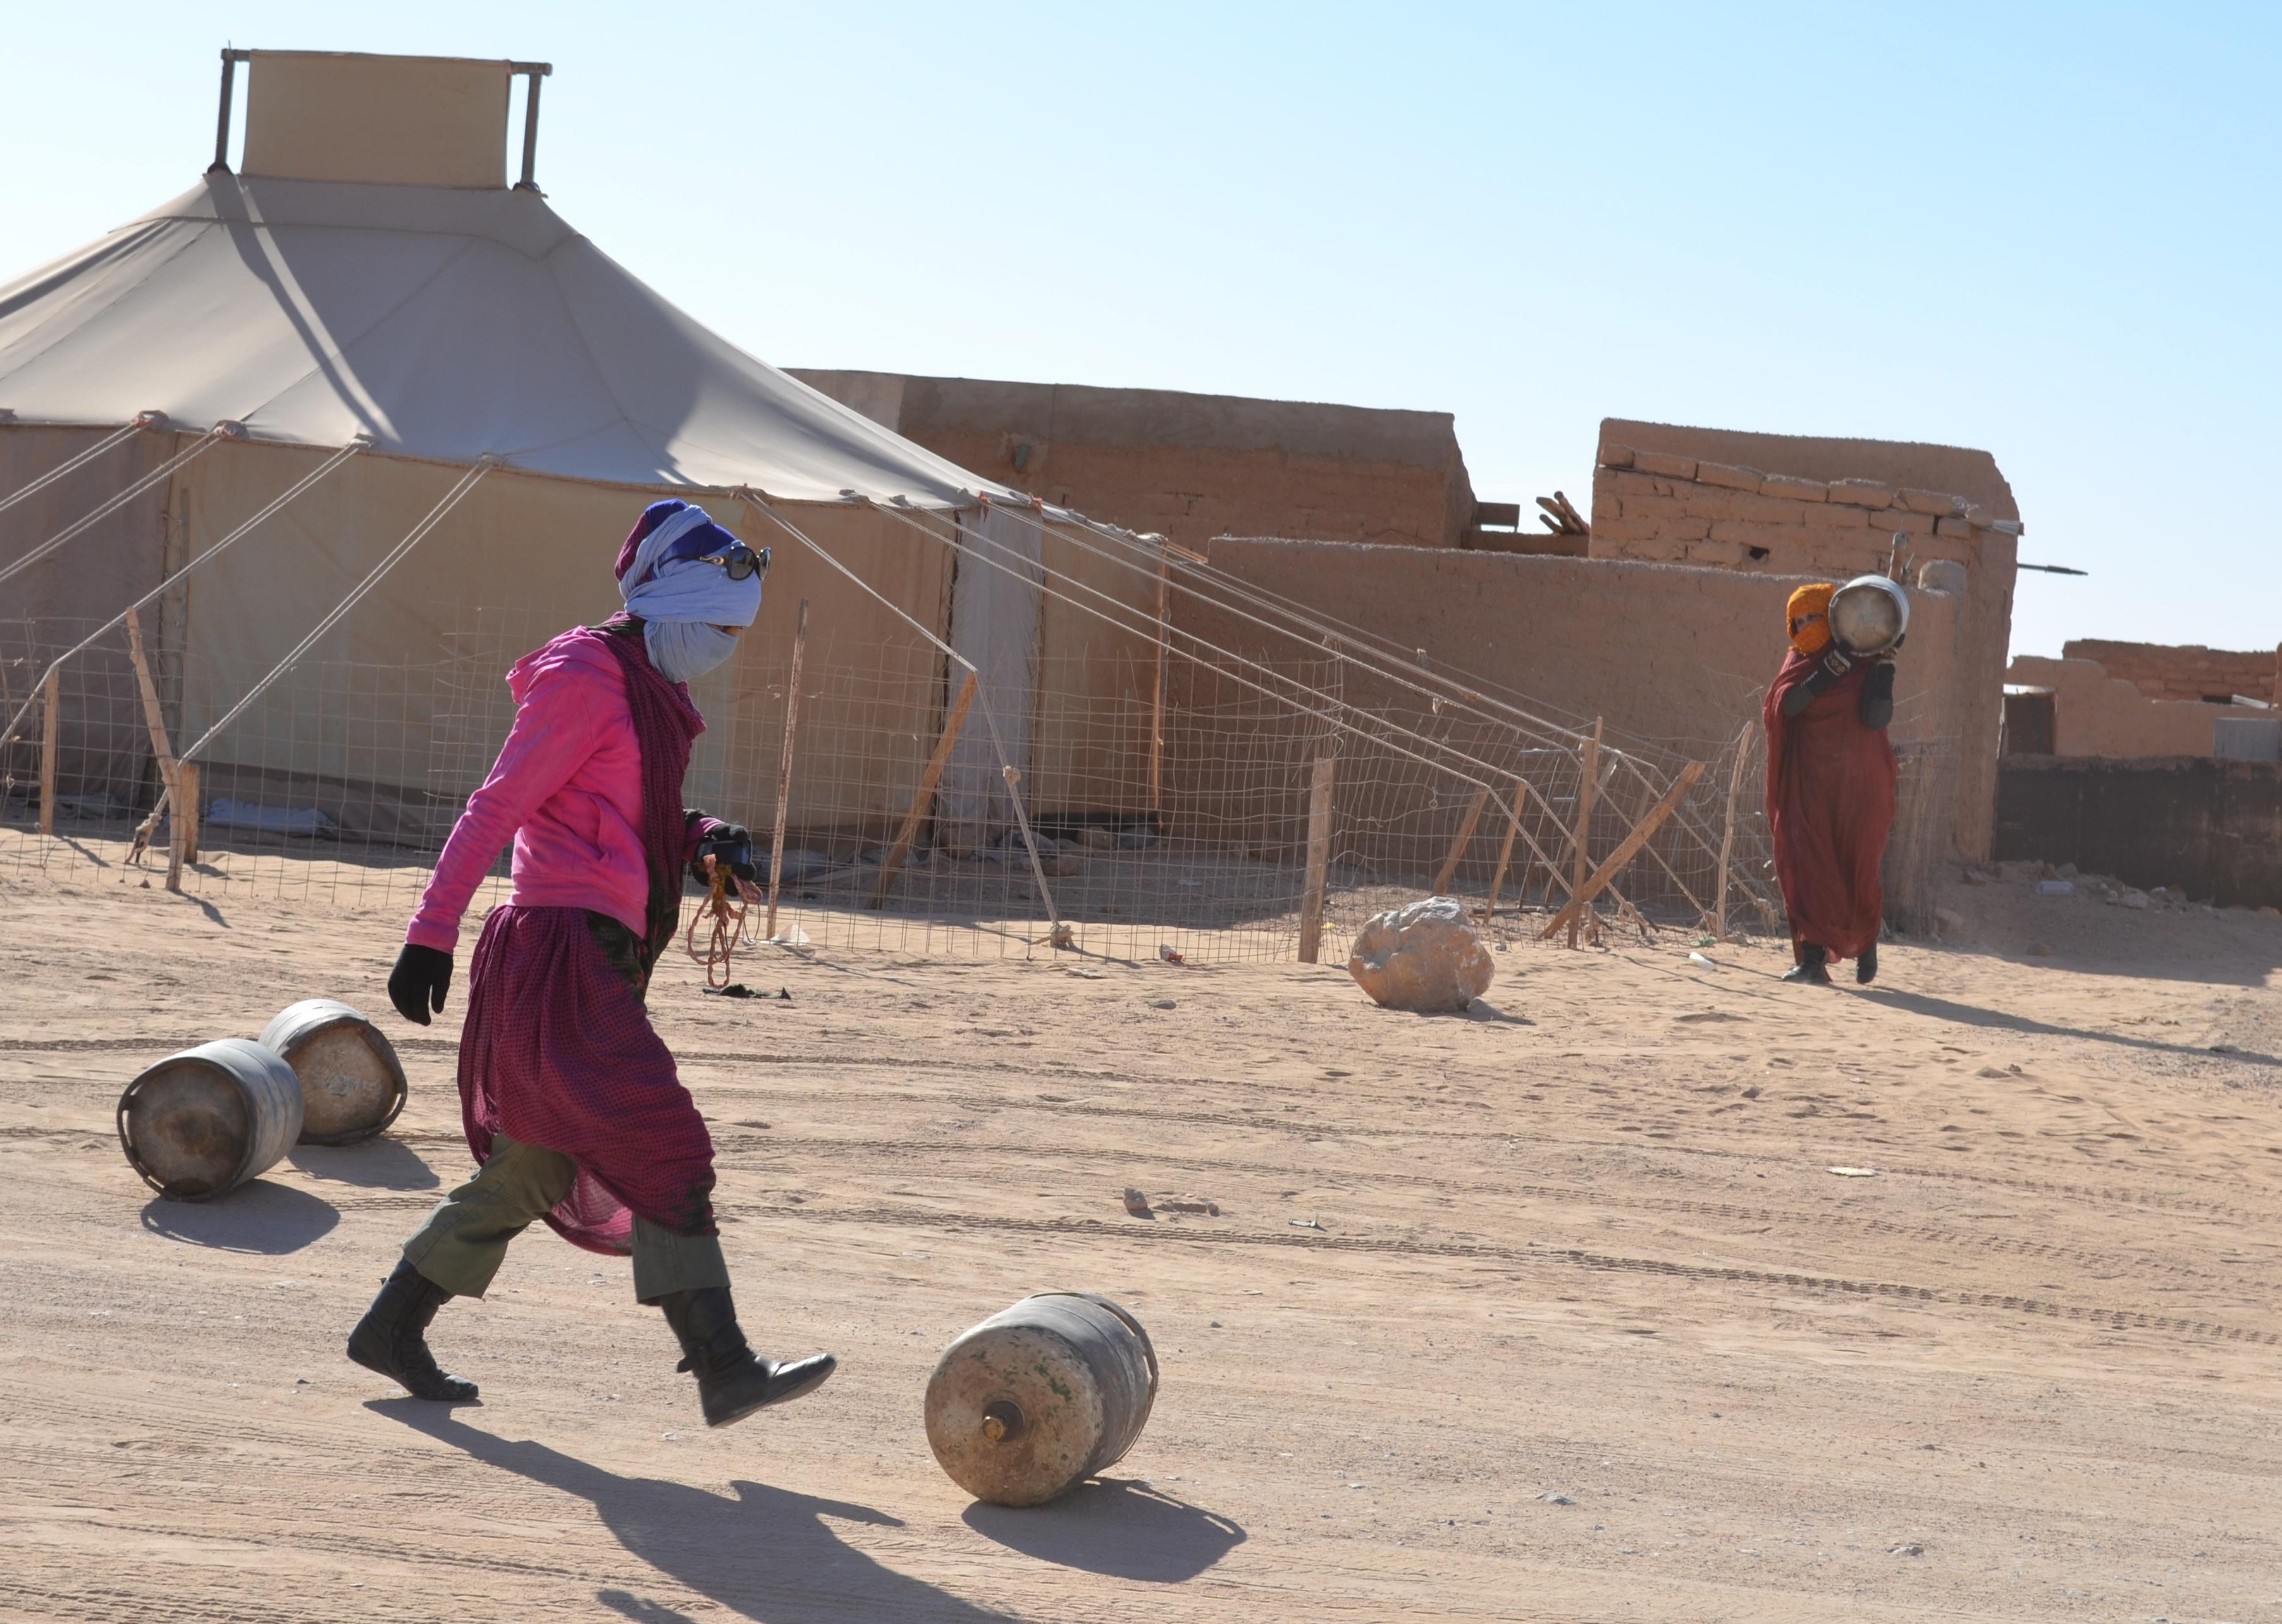 Resultado de imagen de refugee sahrawi camps hot